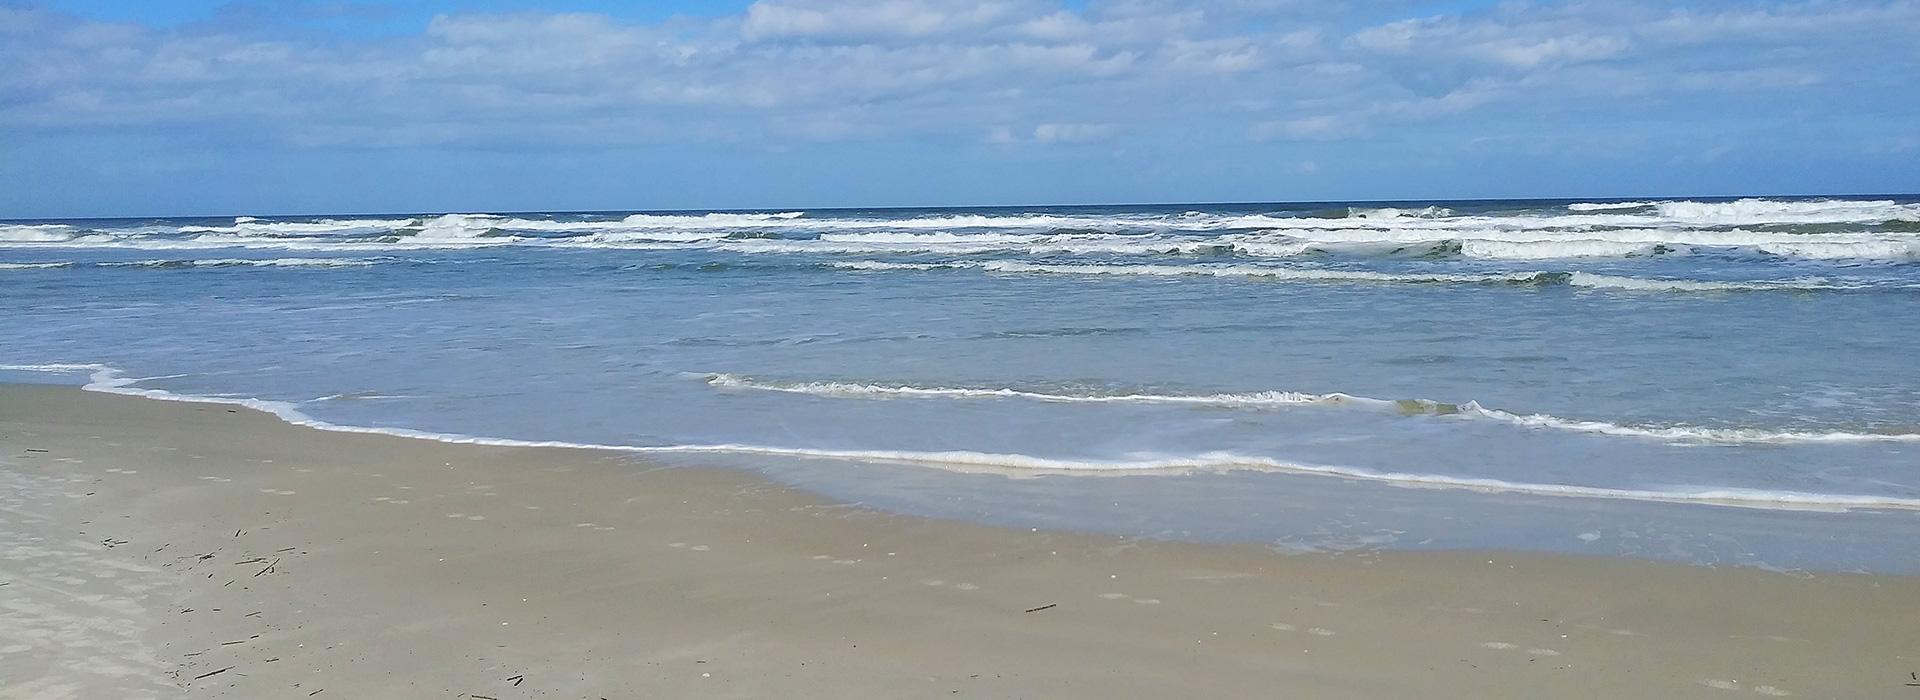 tranquil beach scene from Atlantica Condominium